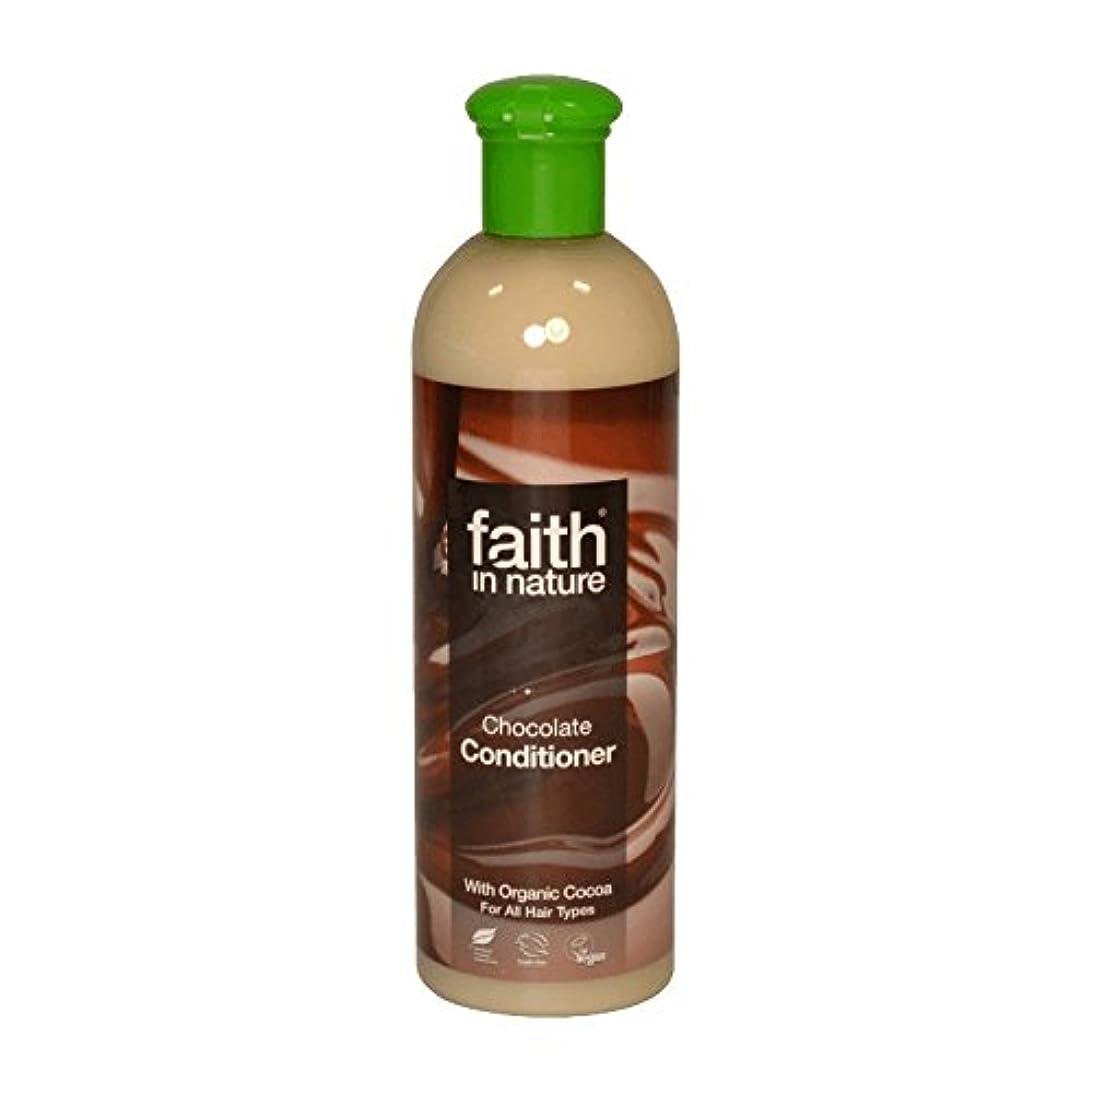 注入するピンポイント識字自然チョコレートコンディショナー400ミリリットルの信仰 - Faith In Nature Chocolate Conditioner 400ml (Faith in Nature) [並行輸入品]